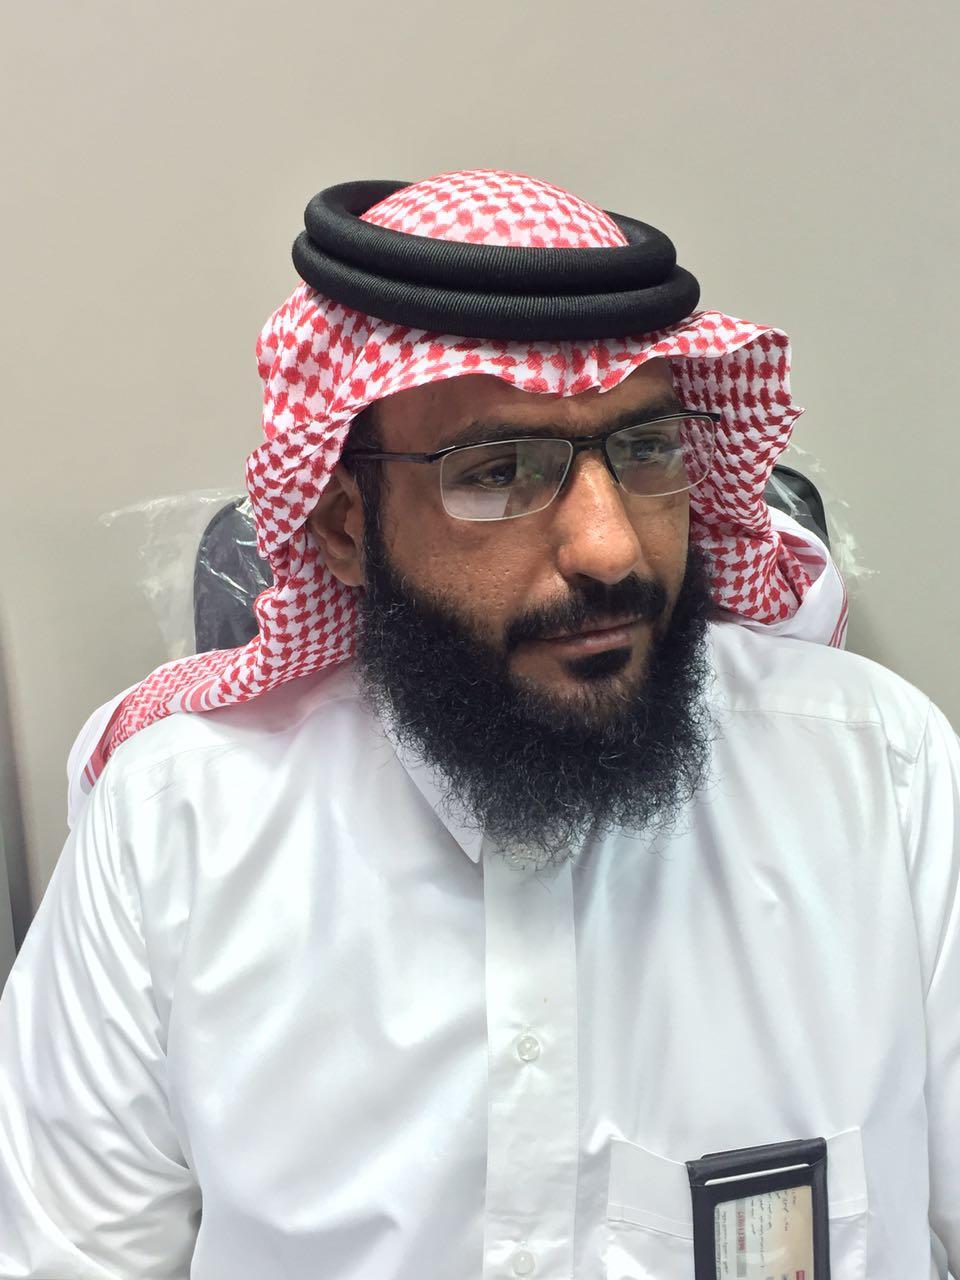 مدير عام صحة حائل يصدر قرارا بتكليف الأخصائي سعد الغبيني لإدارة المختبرات المديرية العامة للشؤون الصحية بحائل